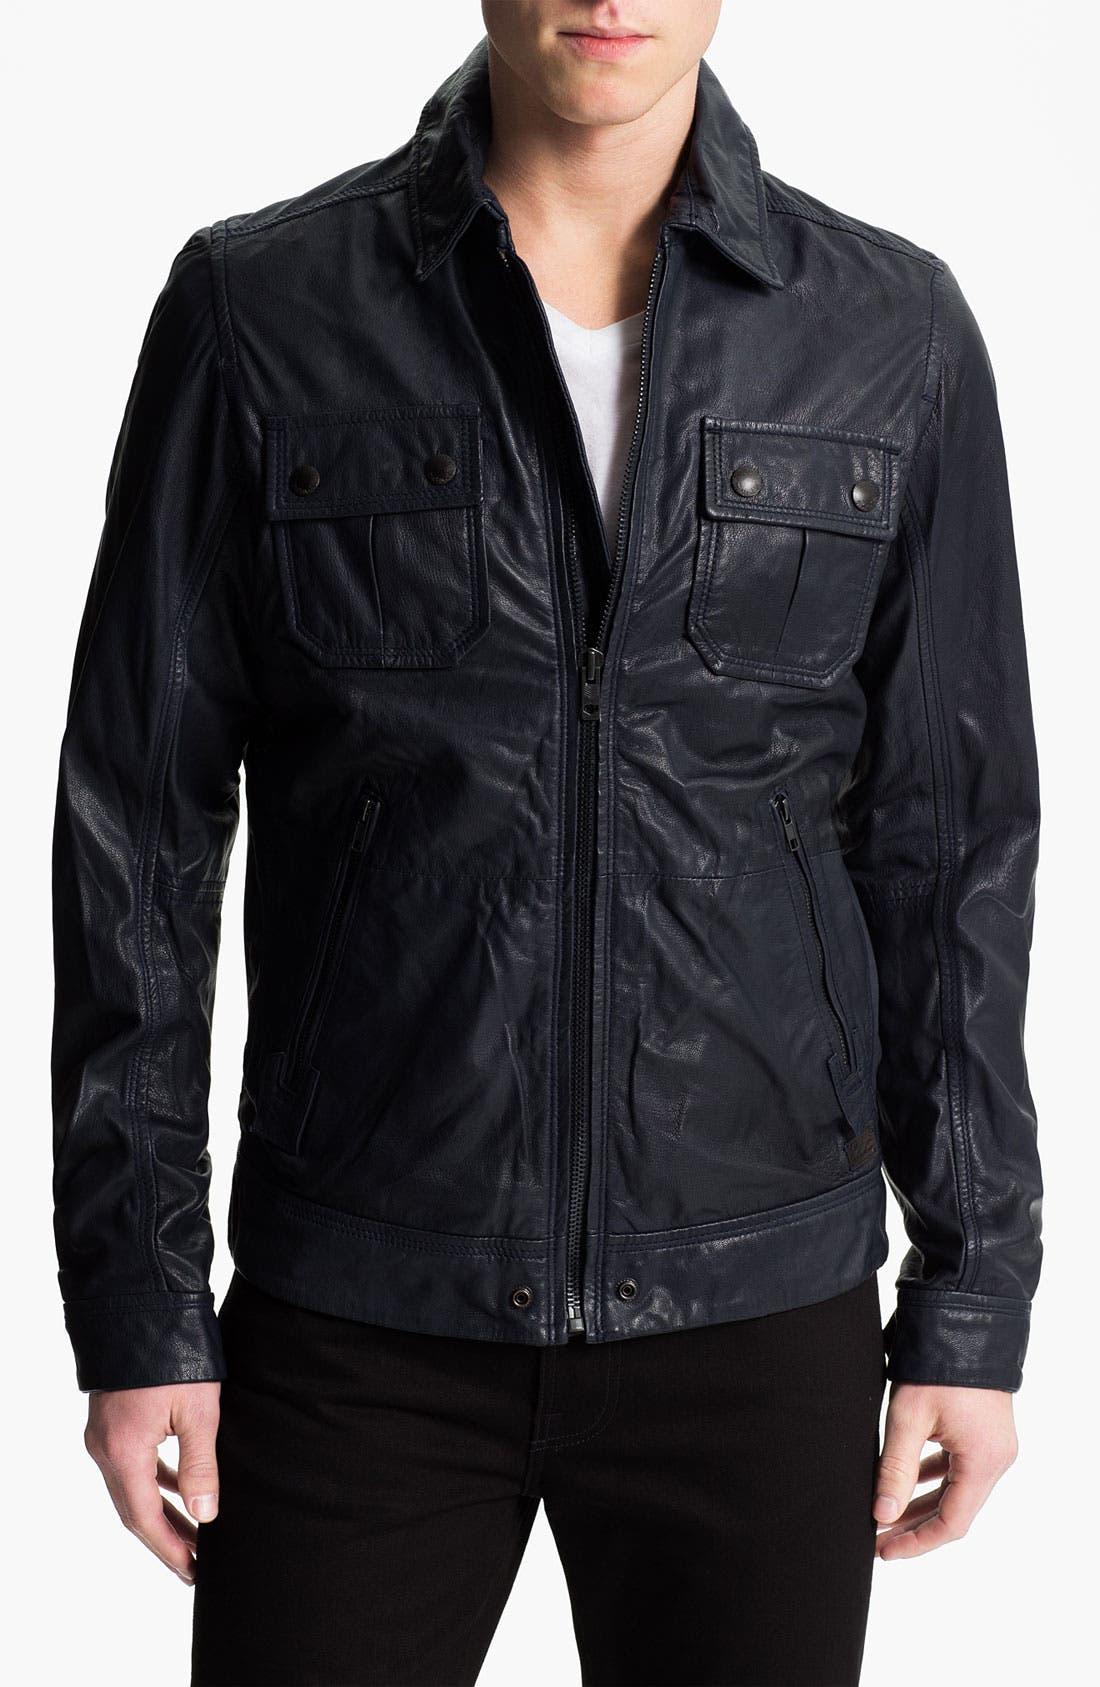 Alternate Image 1 Selected - DIESEL® 'Lordid' Leather Jacket